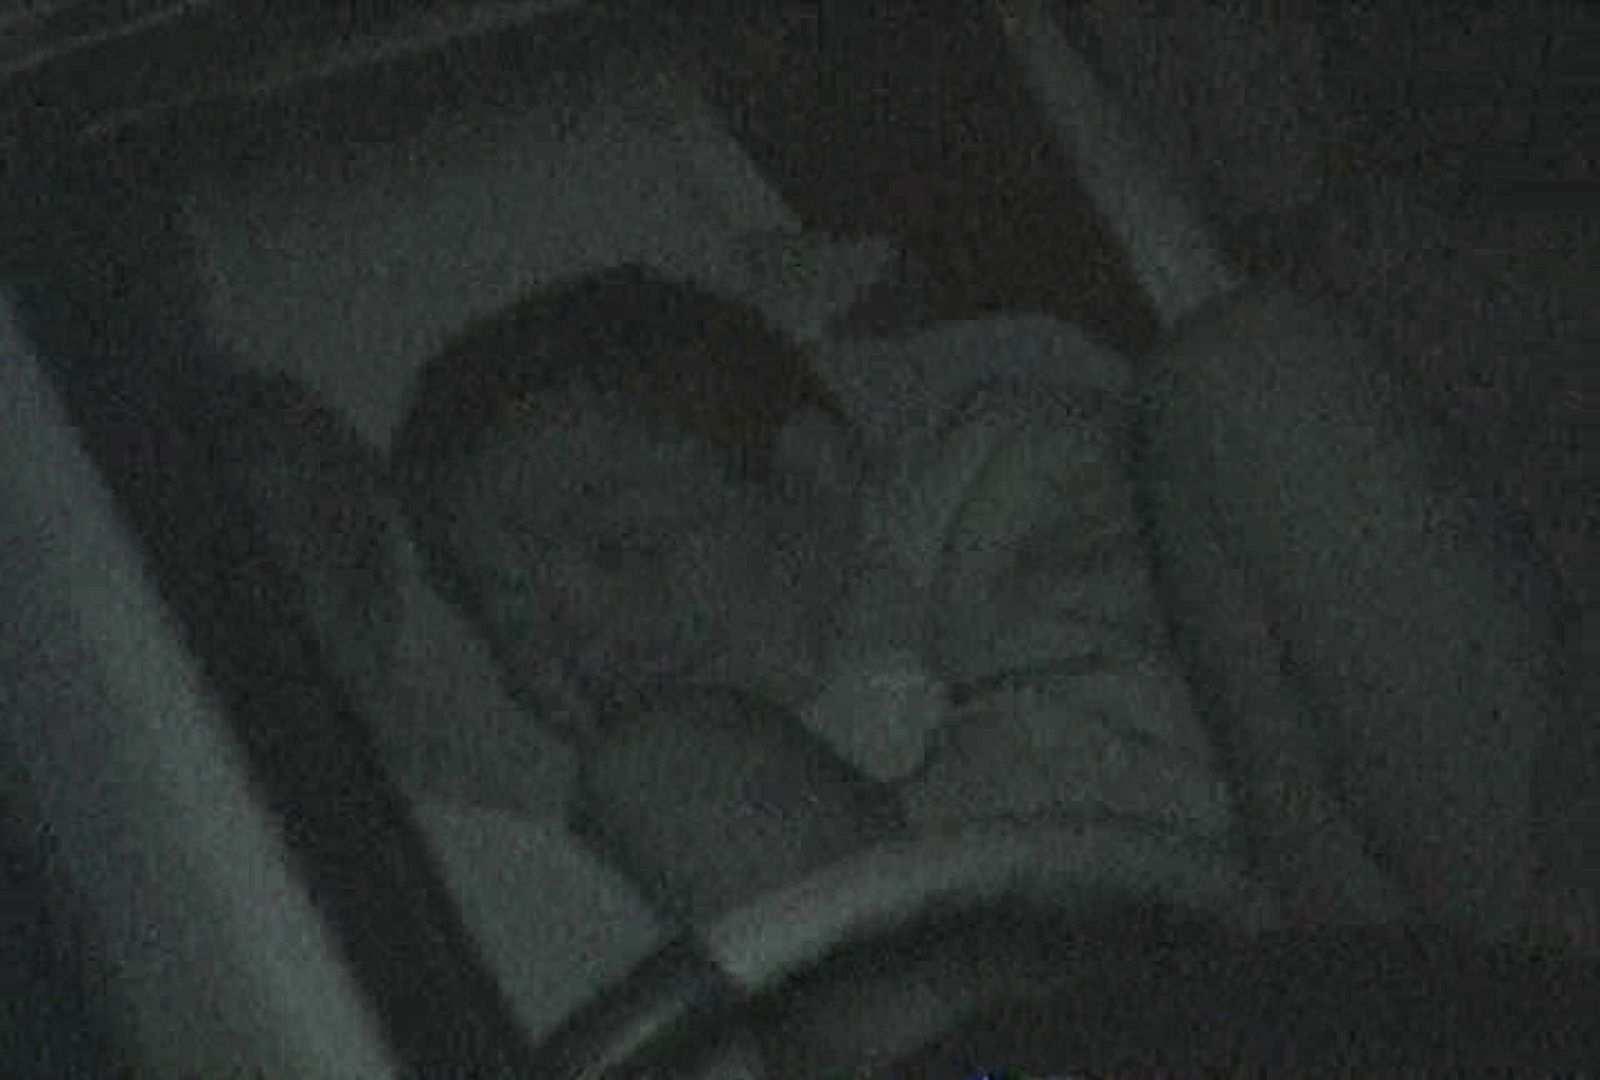 充血監督の深夜の運動会Vol.90 エッチなセックス オマンコ無修正動画無料 107画像 68